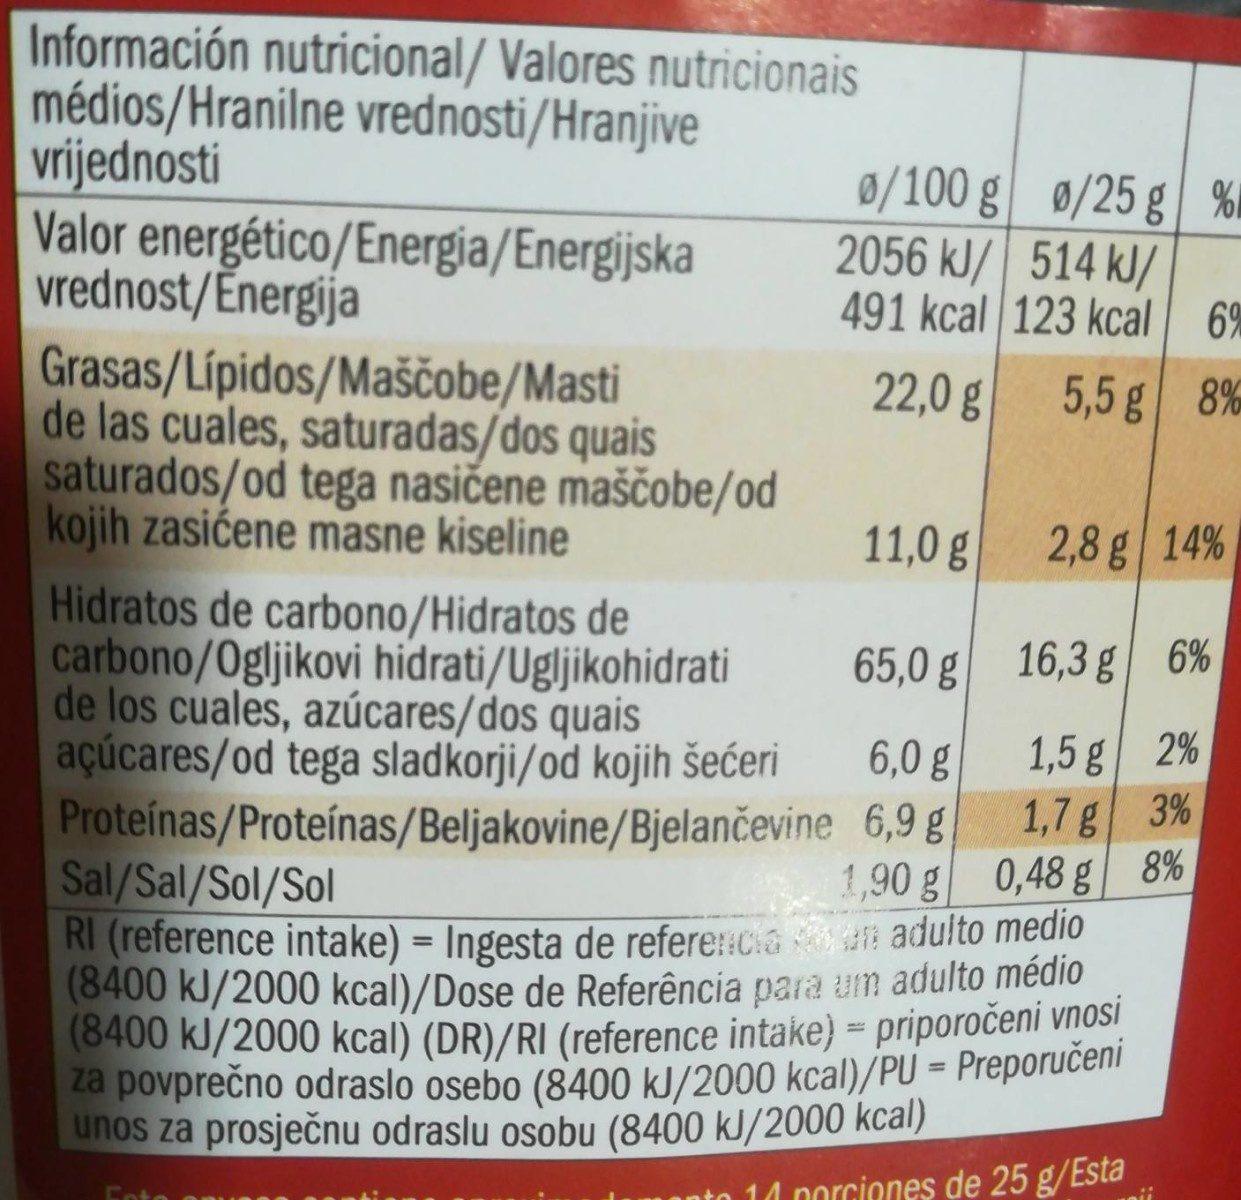 Galletas saladas - Informations nutritionnelles